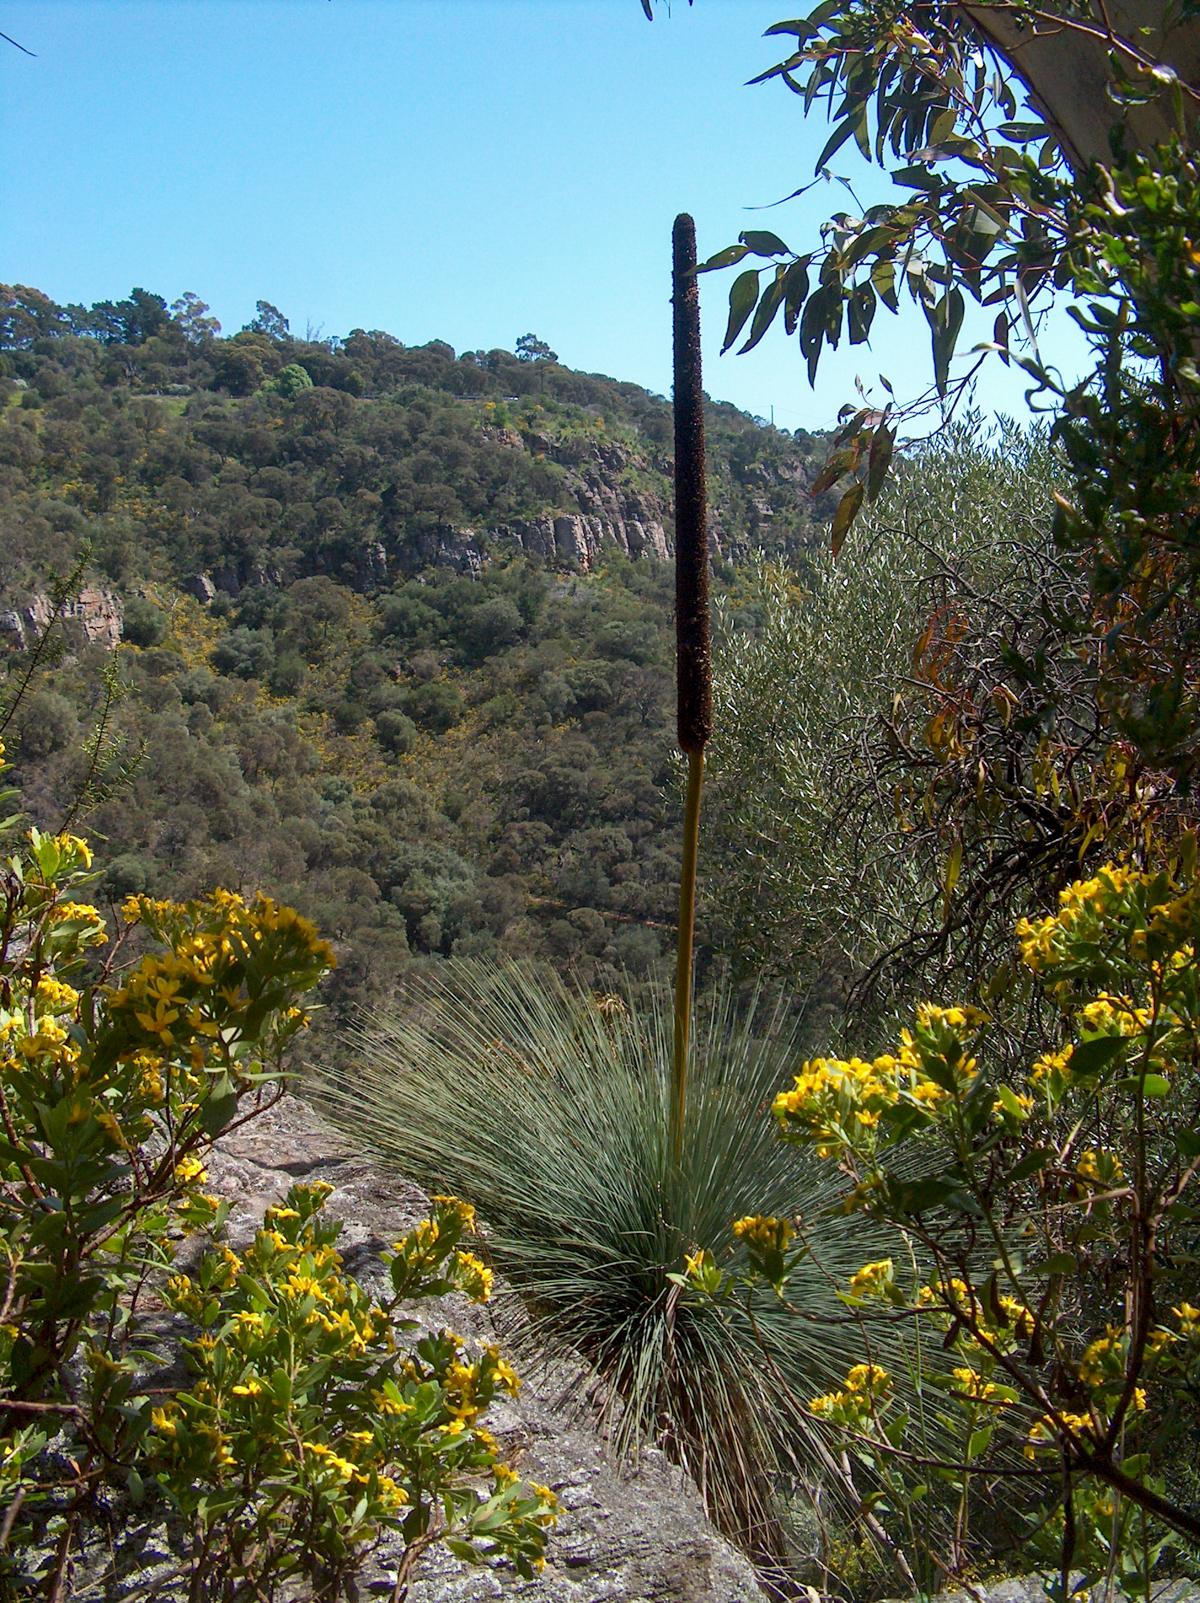 HPIM4335 LR Yurrebilla Trail (Norton Summit to Morialta)